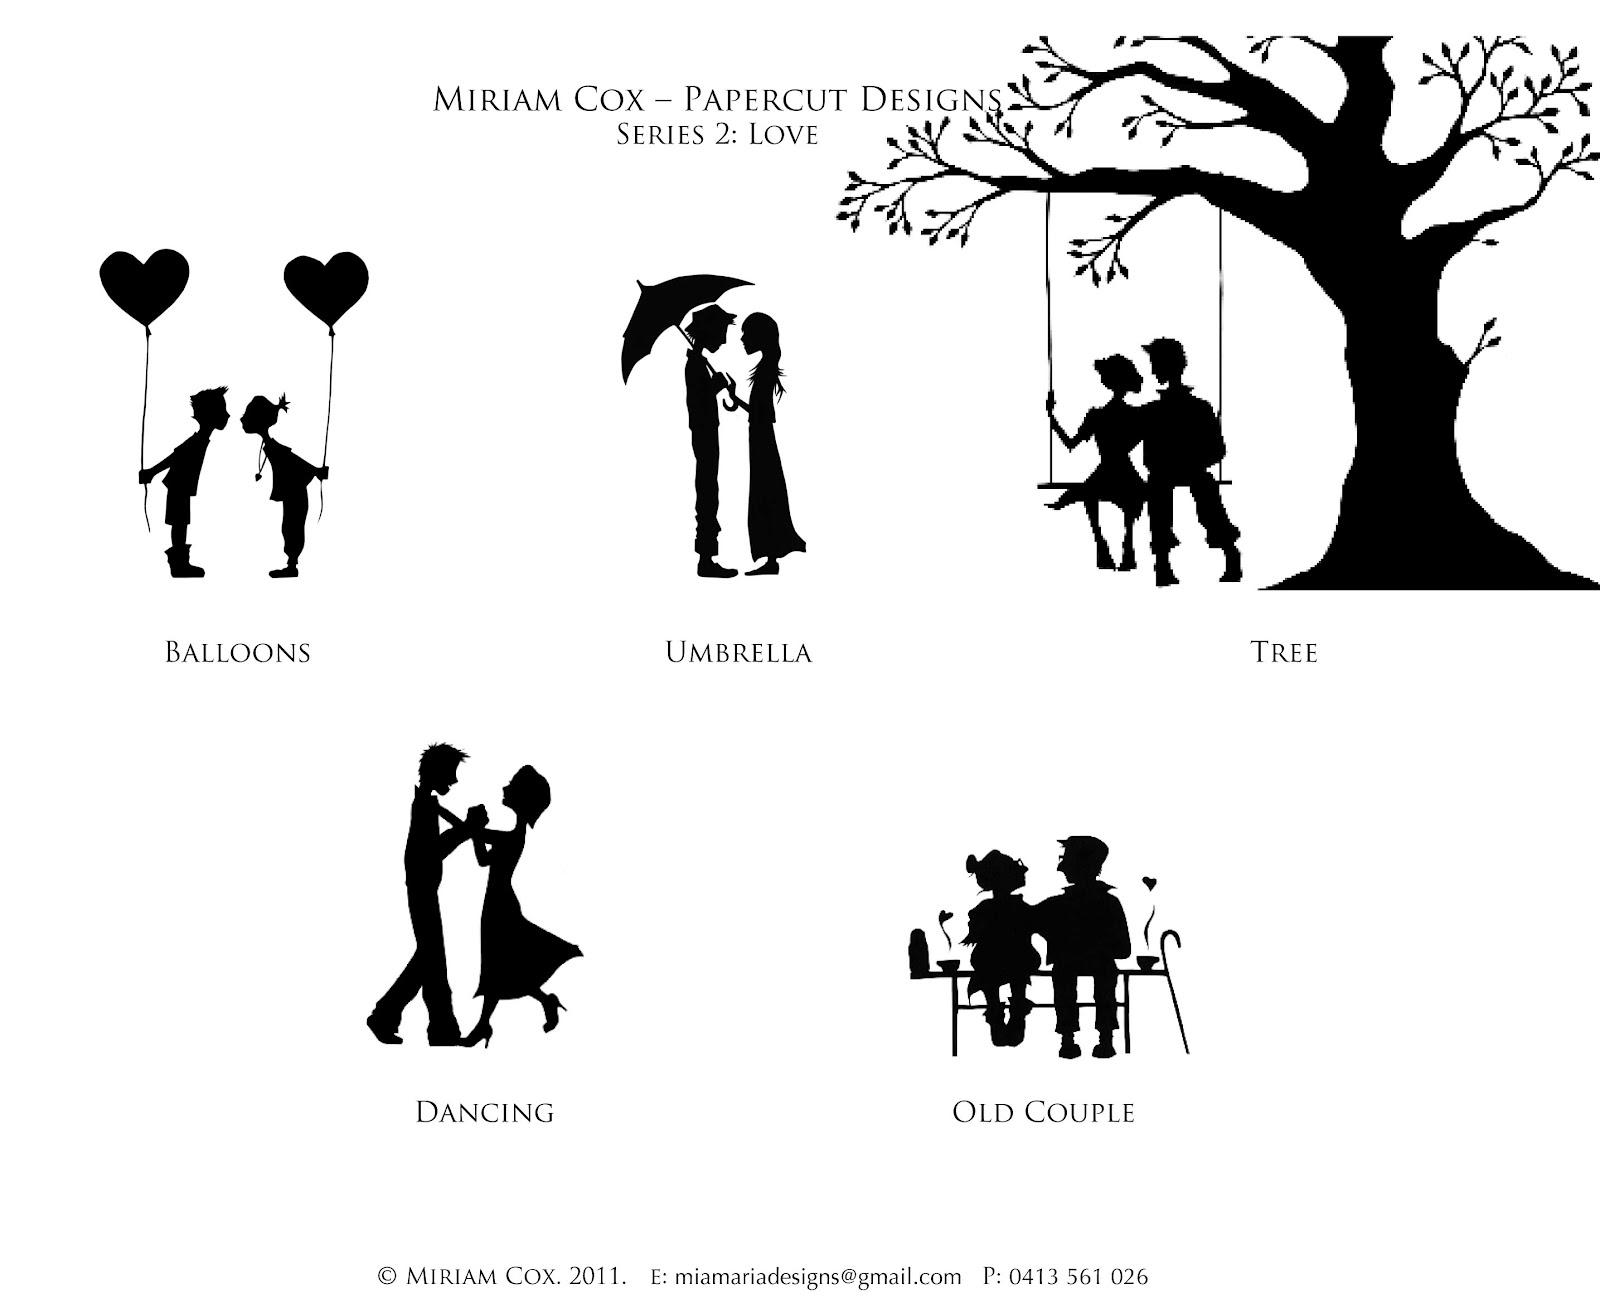 Miriam Cox Papercuts: Customised Wedding Invitations